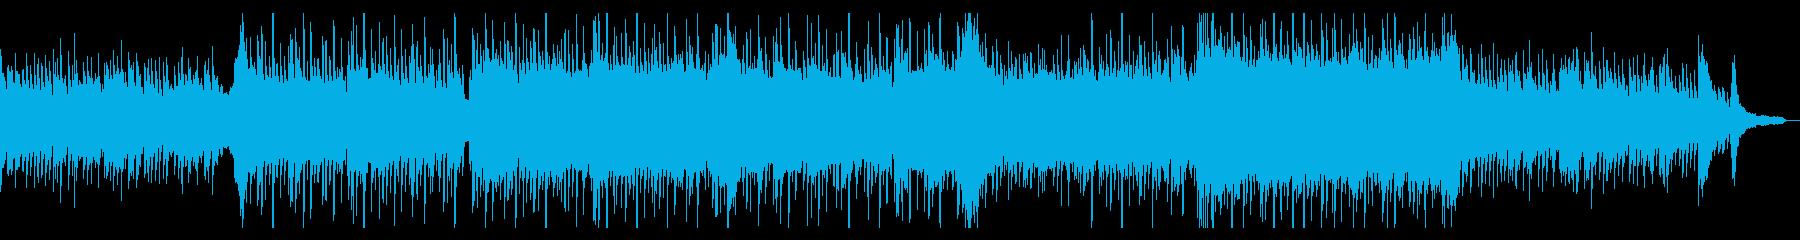 哀愁と感動のピアノHIPHOPの再生済みの波形